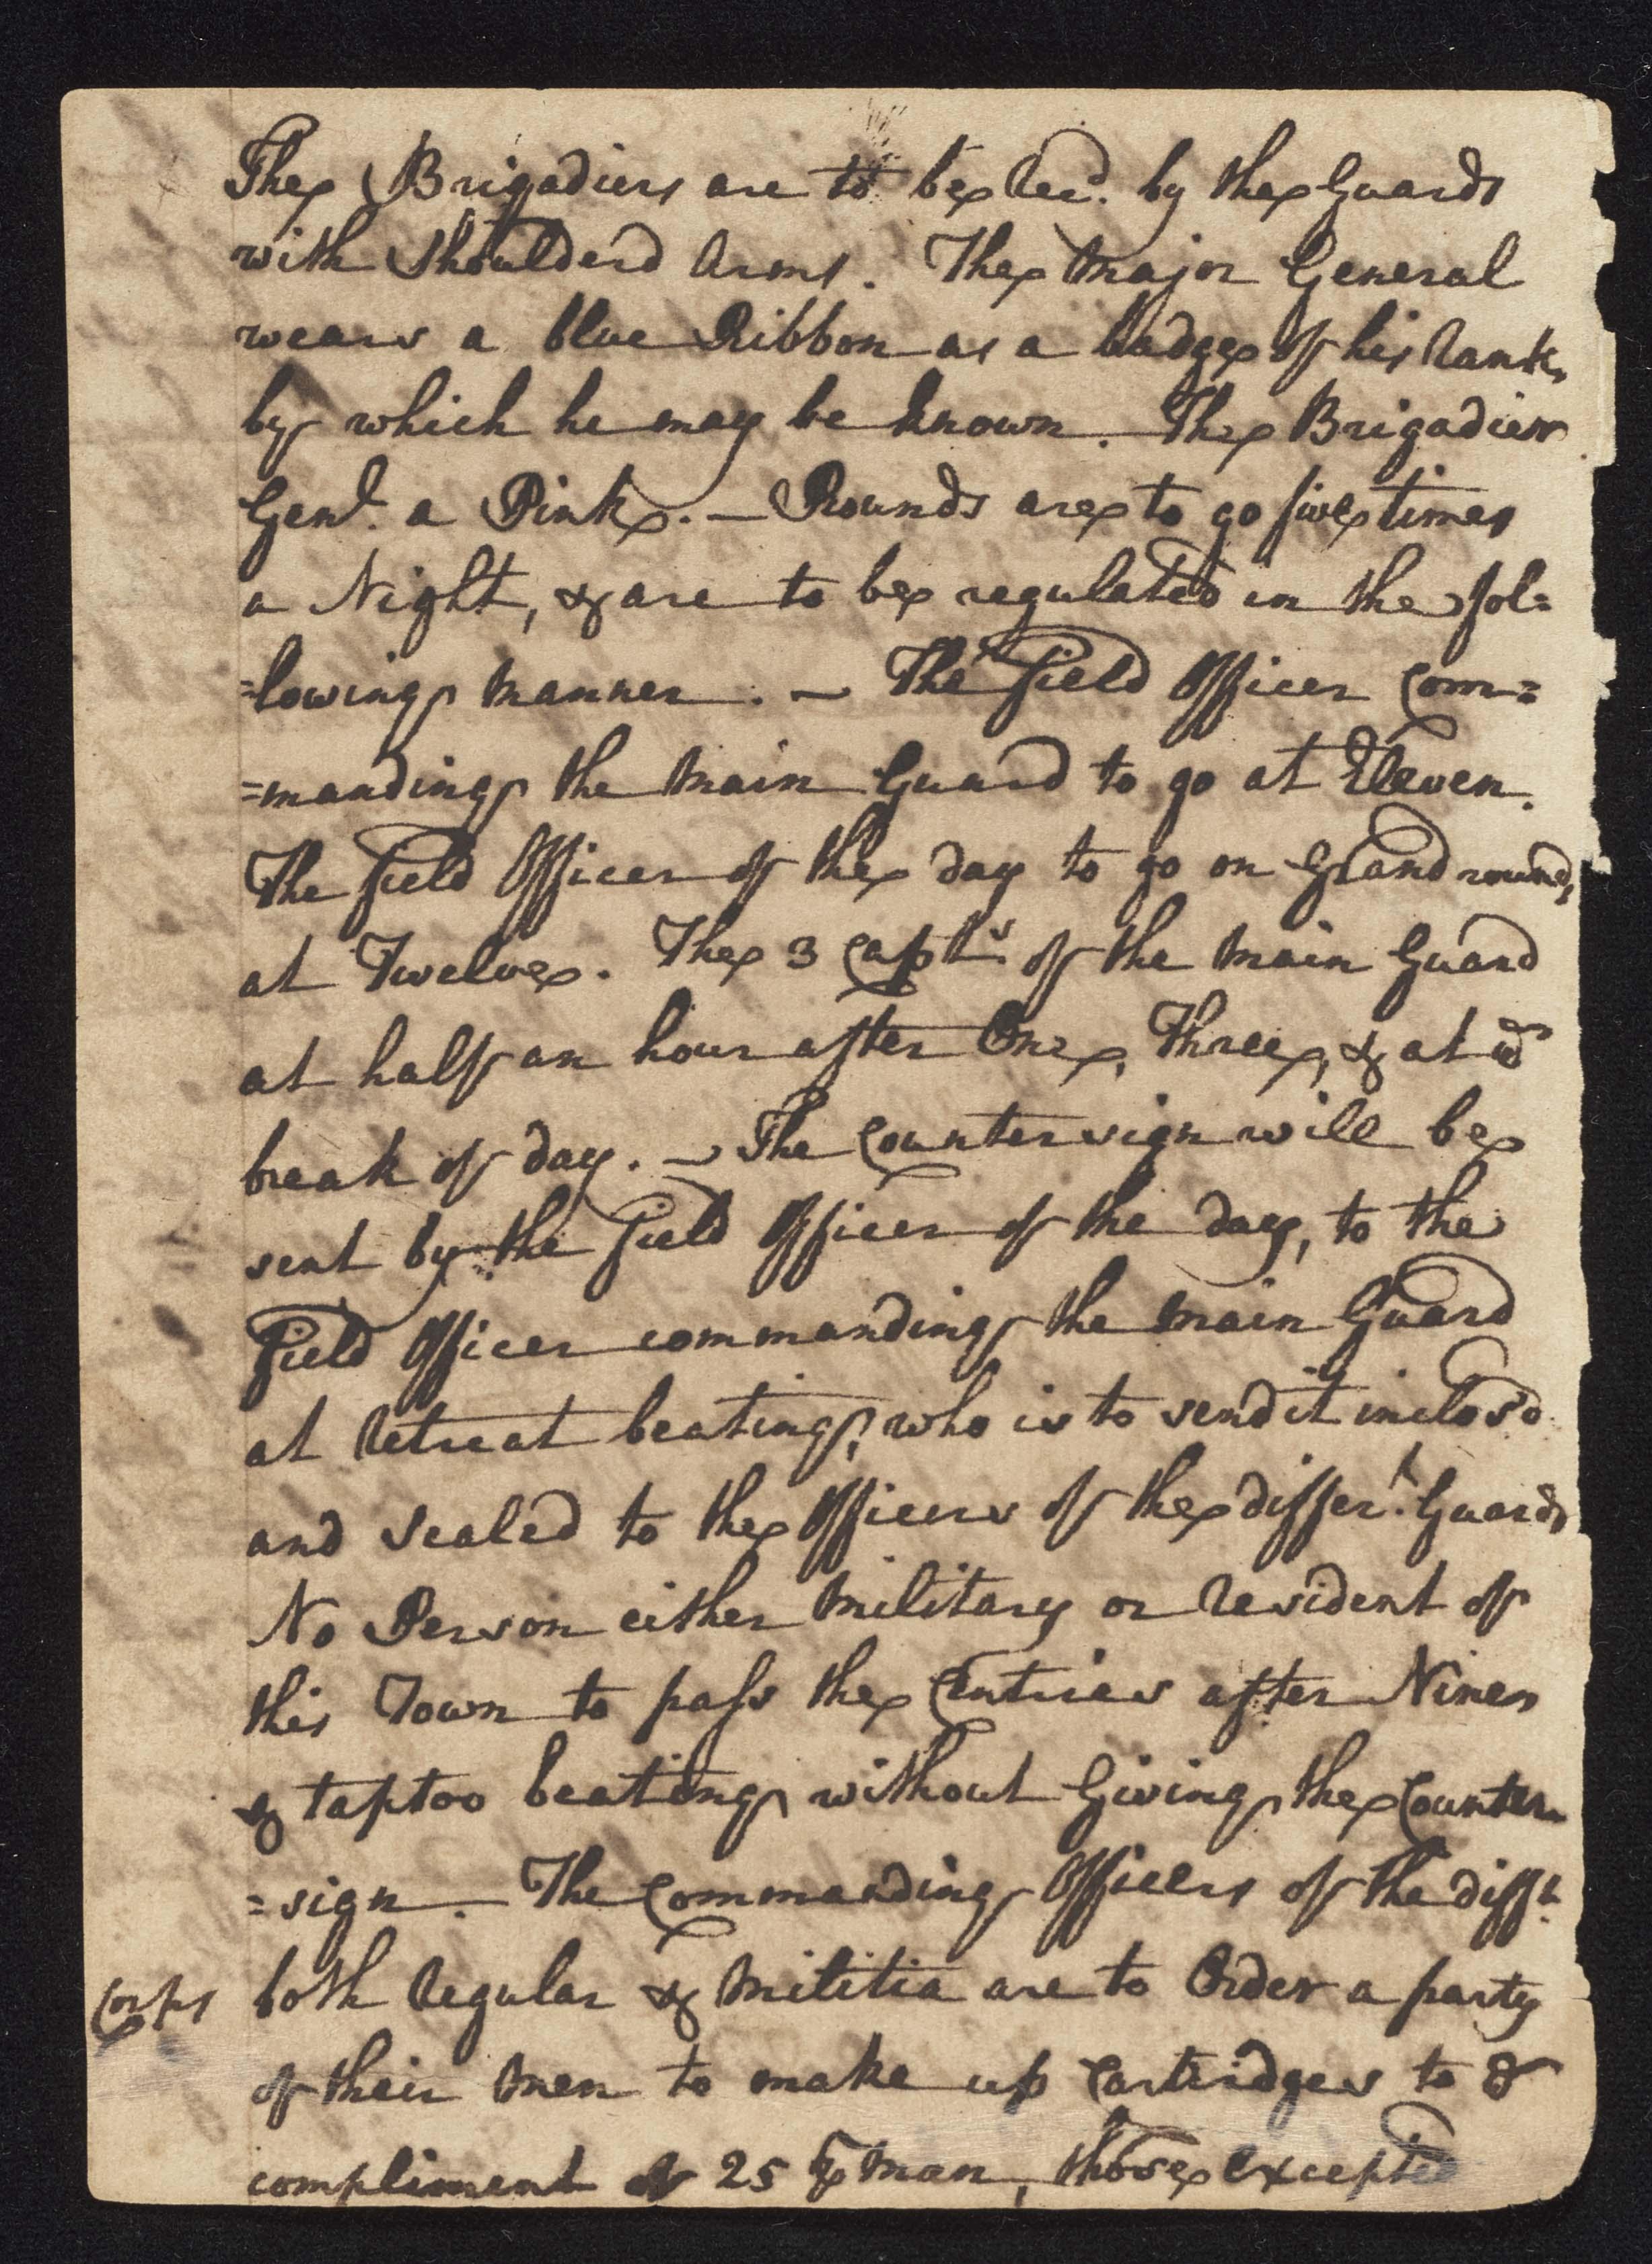 South Carolina Regiment Order Book, Page 116